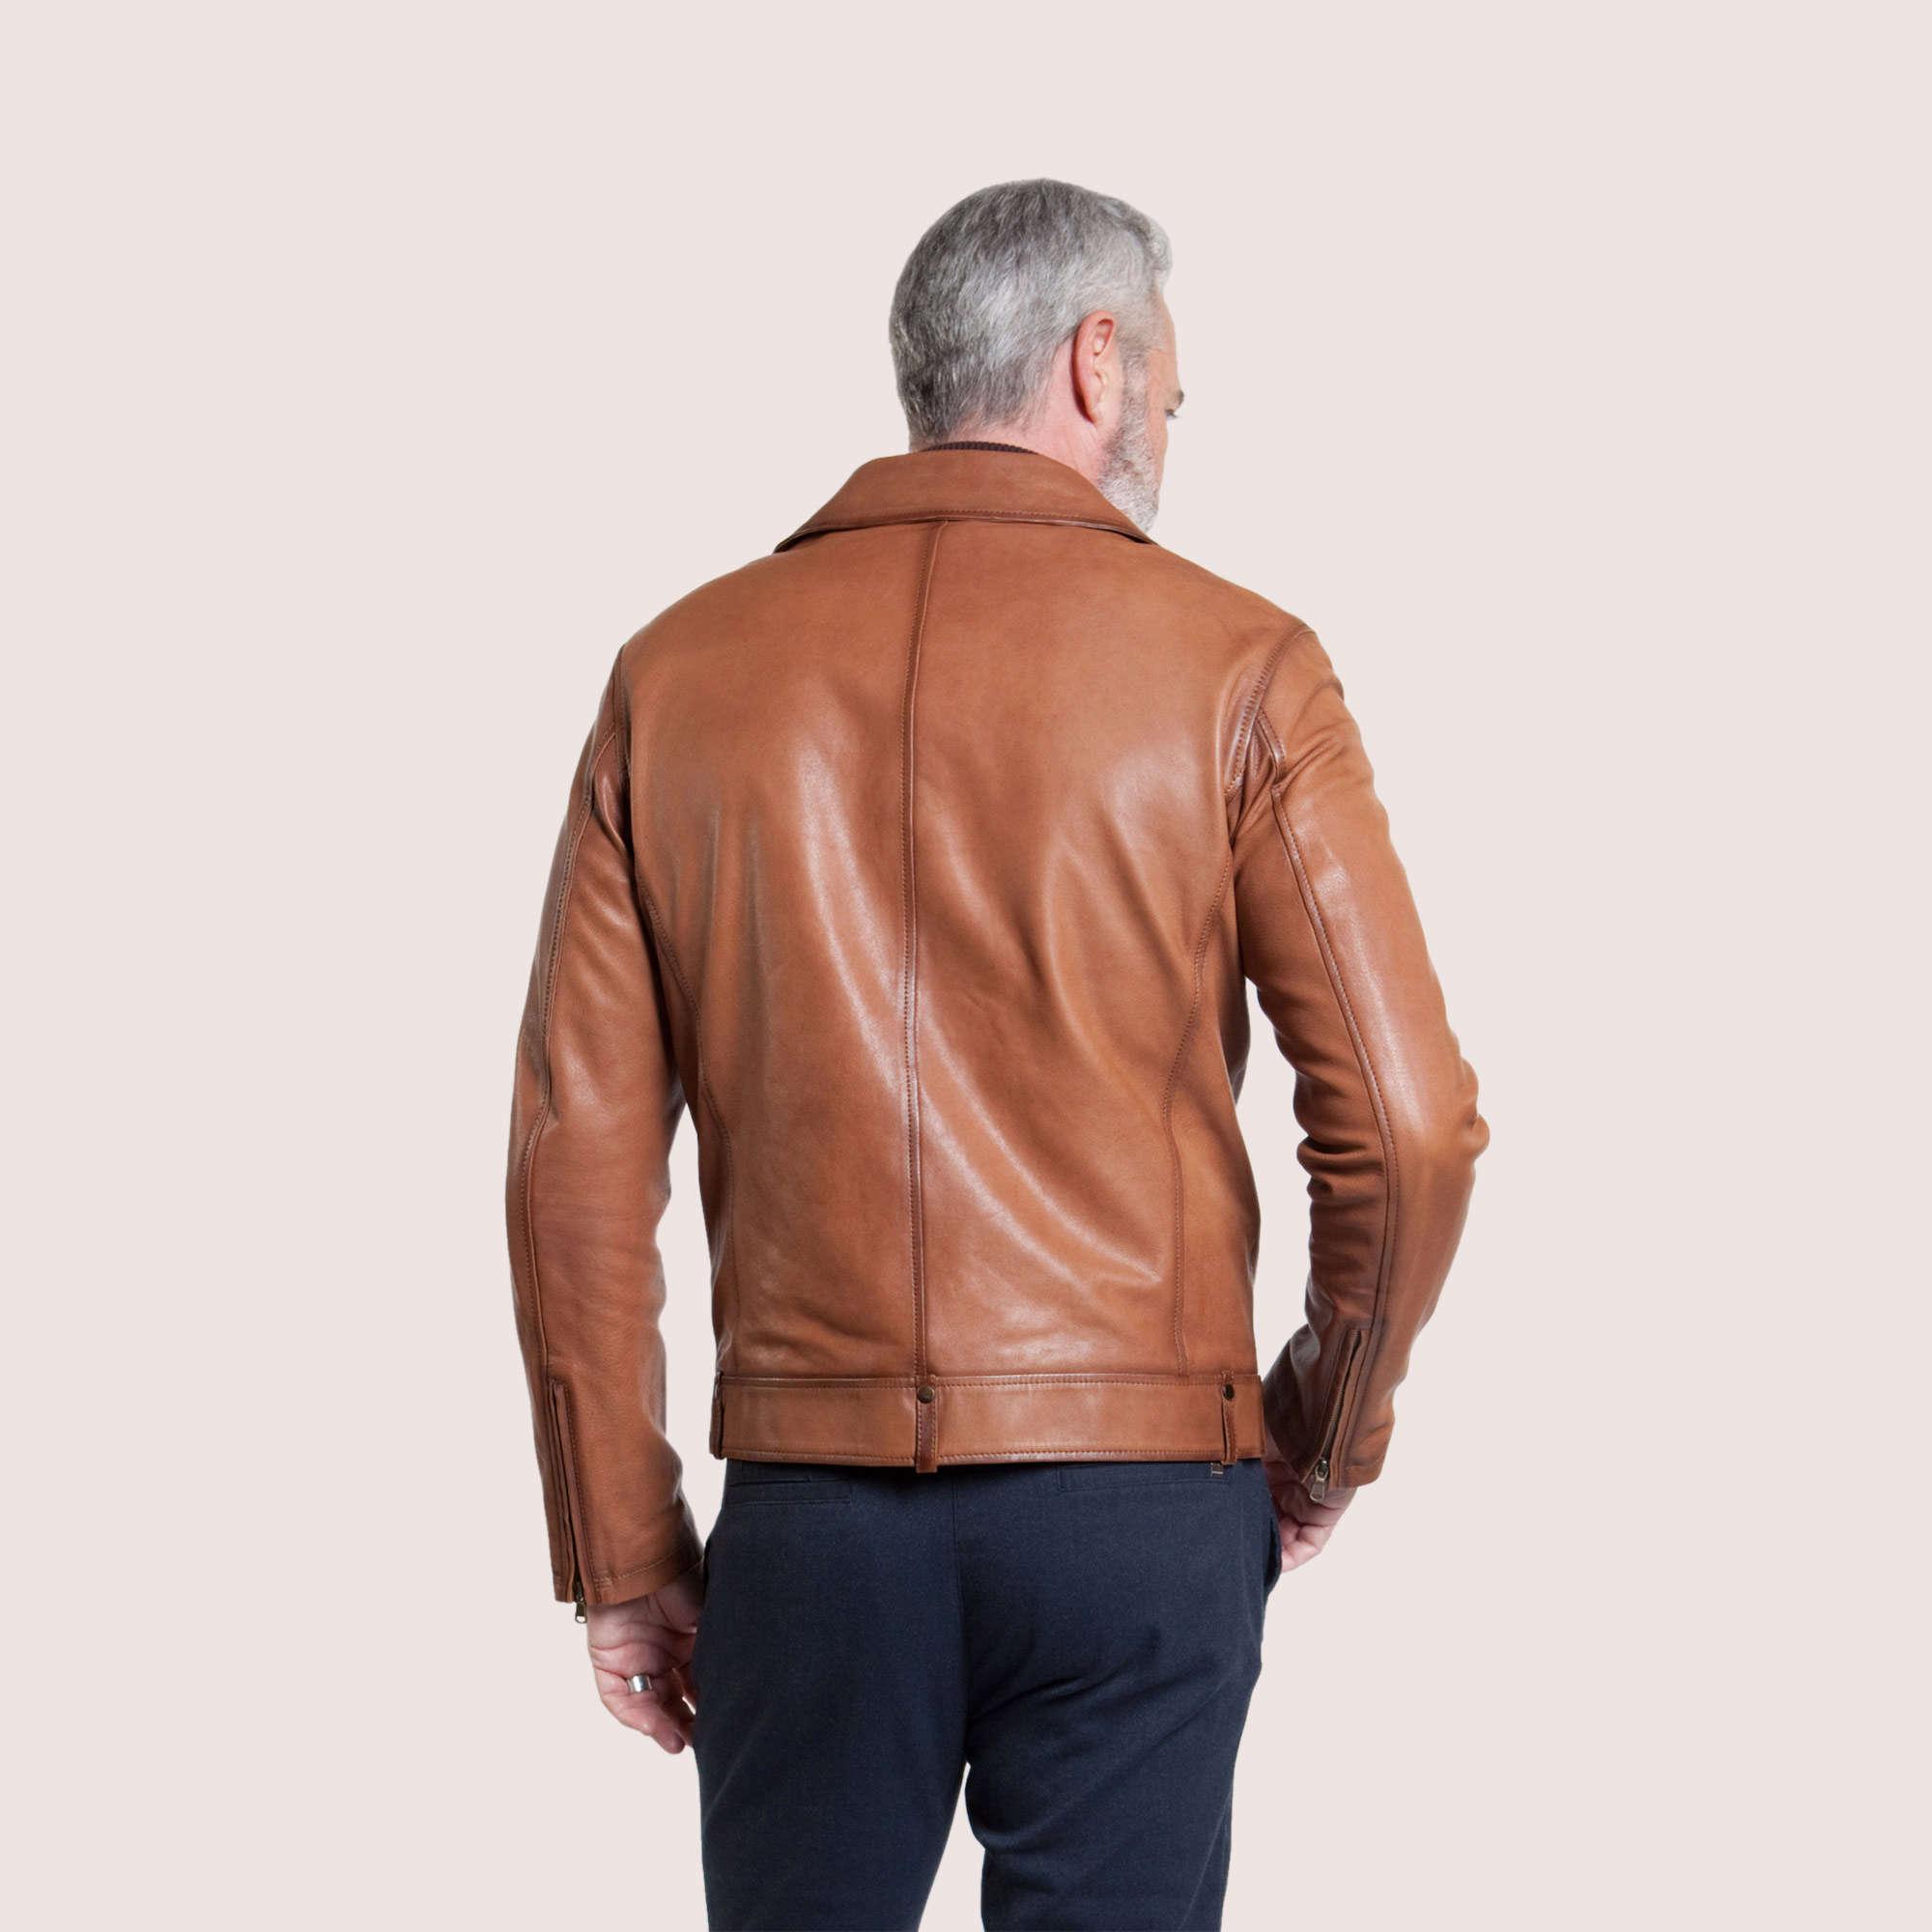 Springfield Jacket